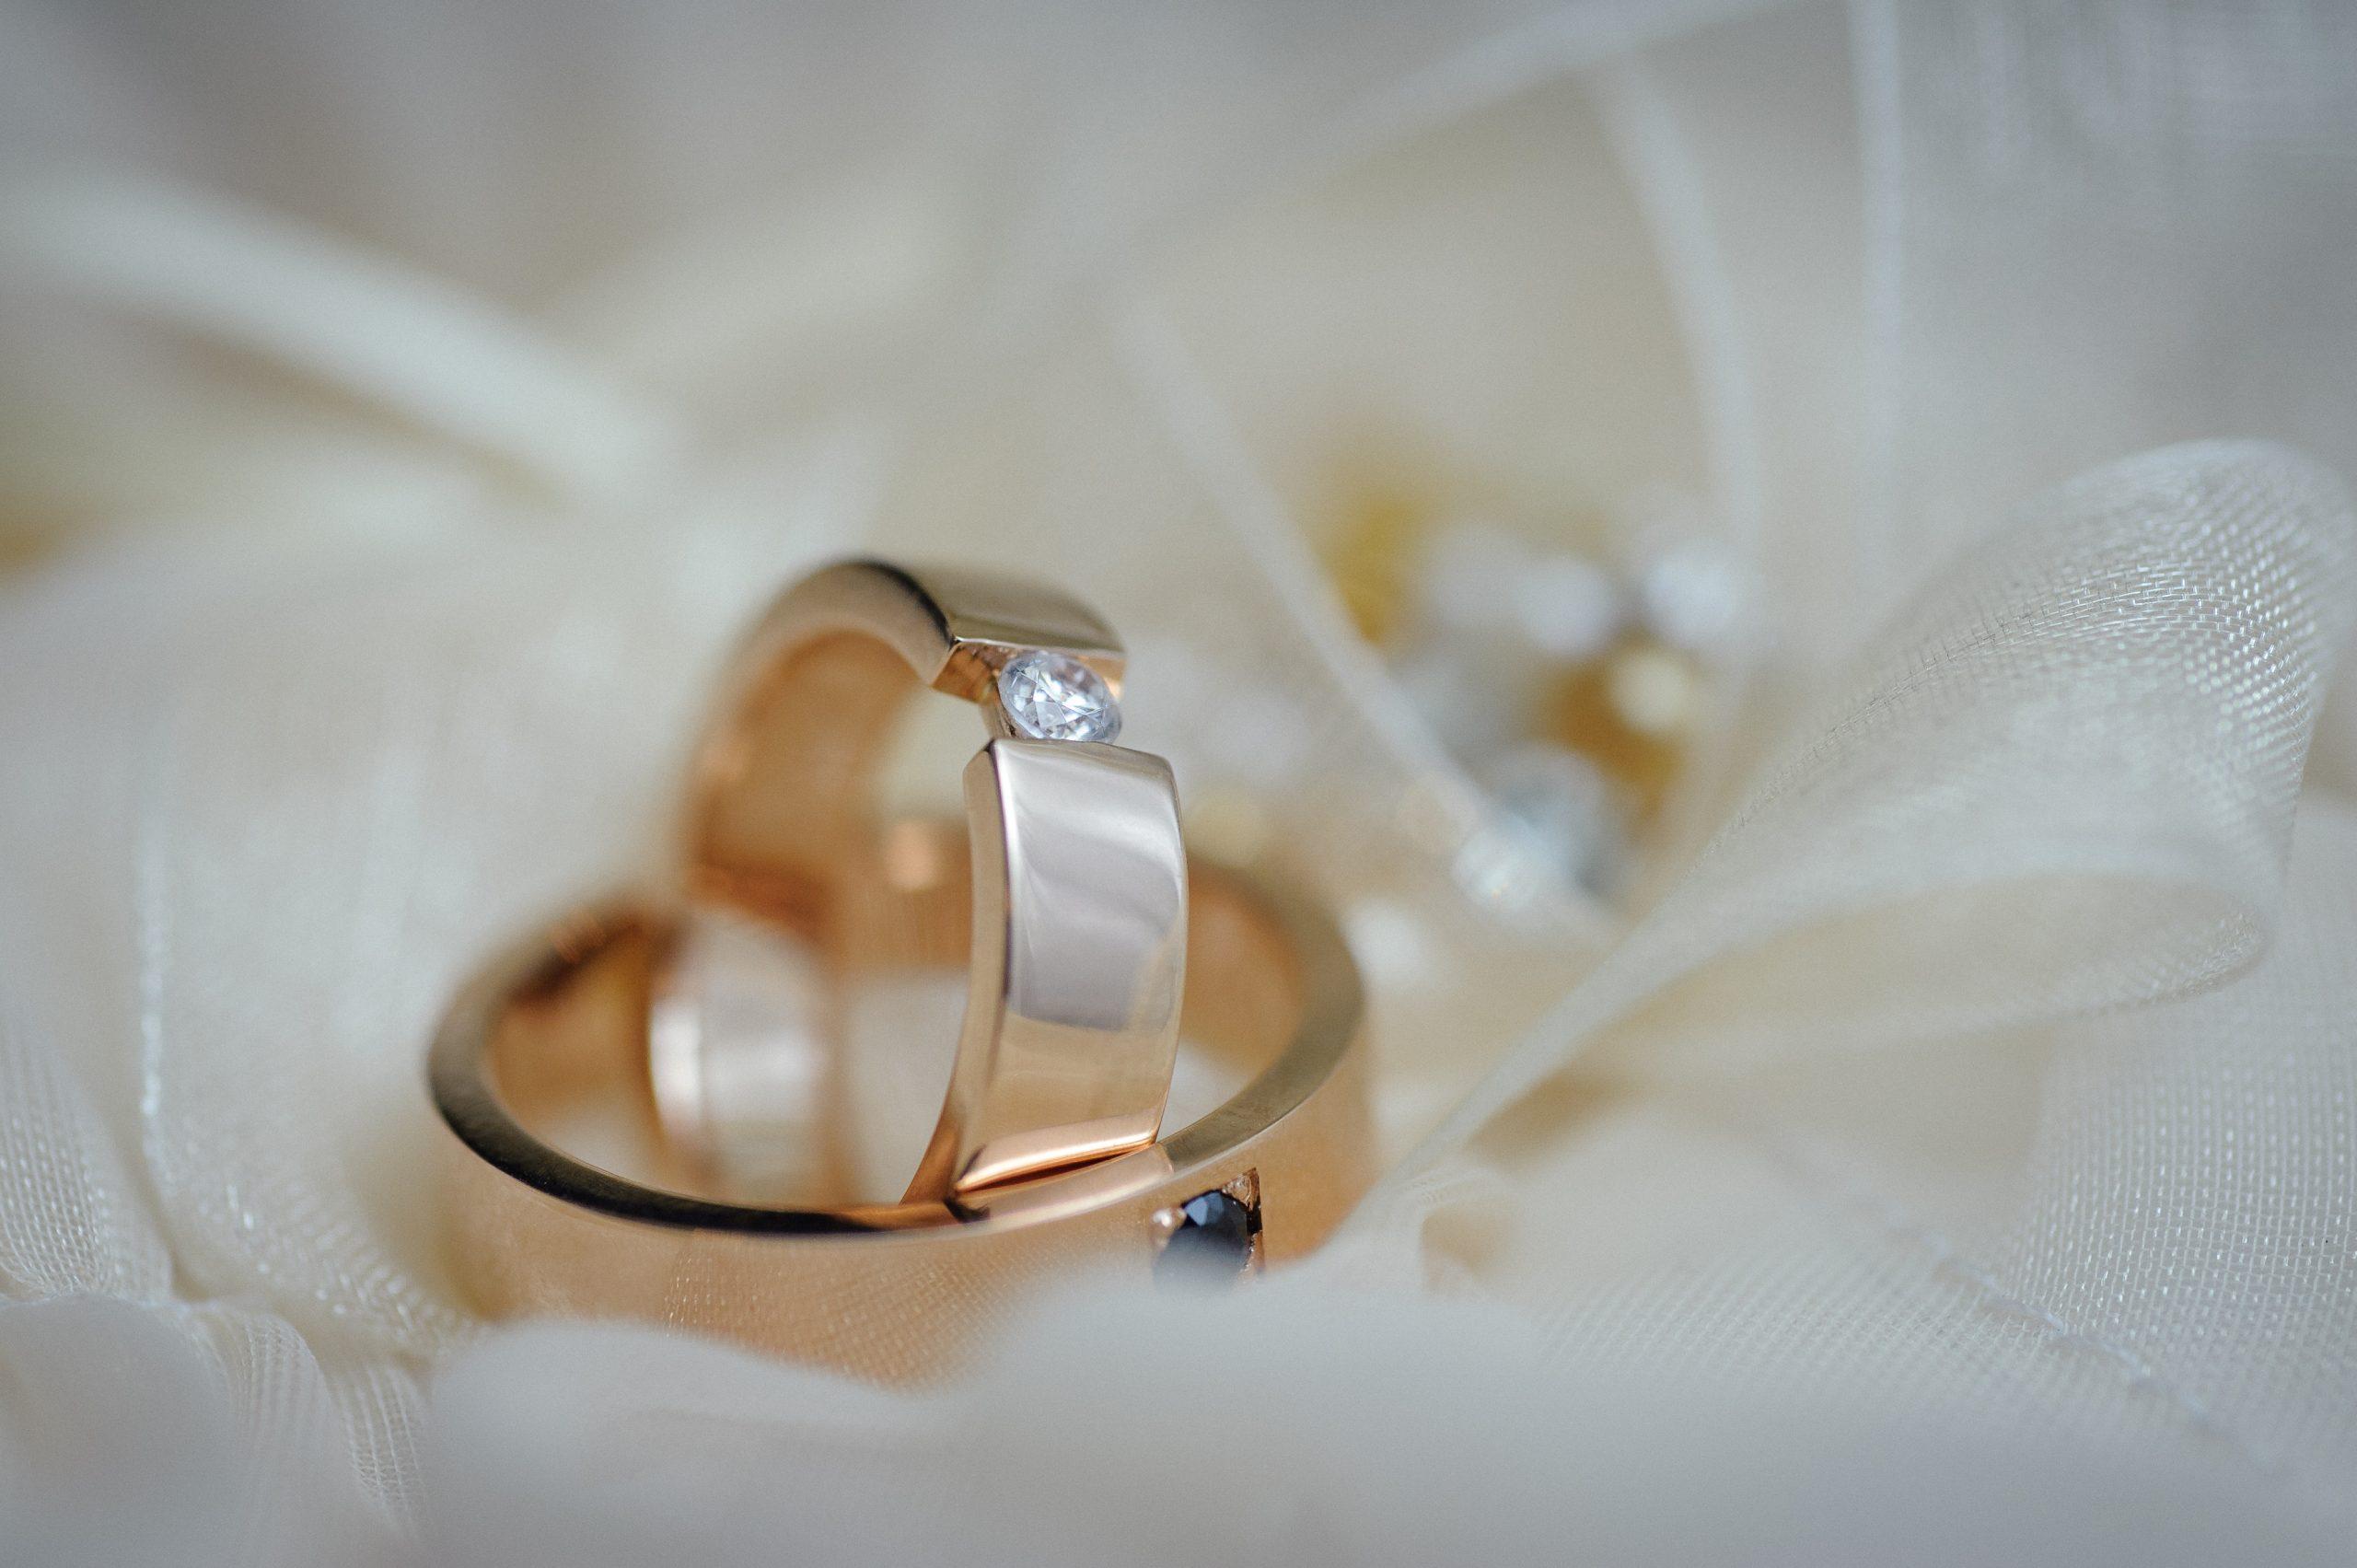 水晶玉子の結婚応援占い|次、あなたの結婚を左右する転機◆出会い&入籍